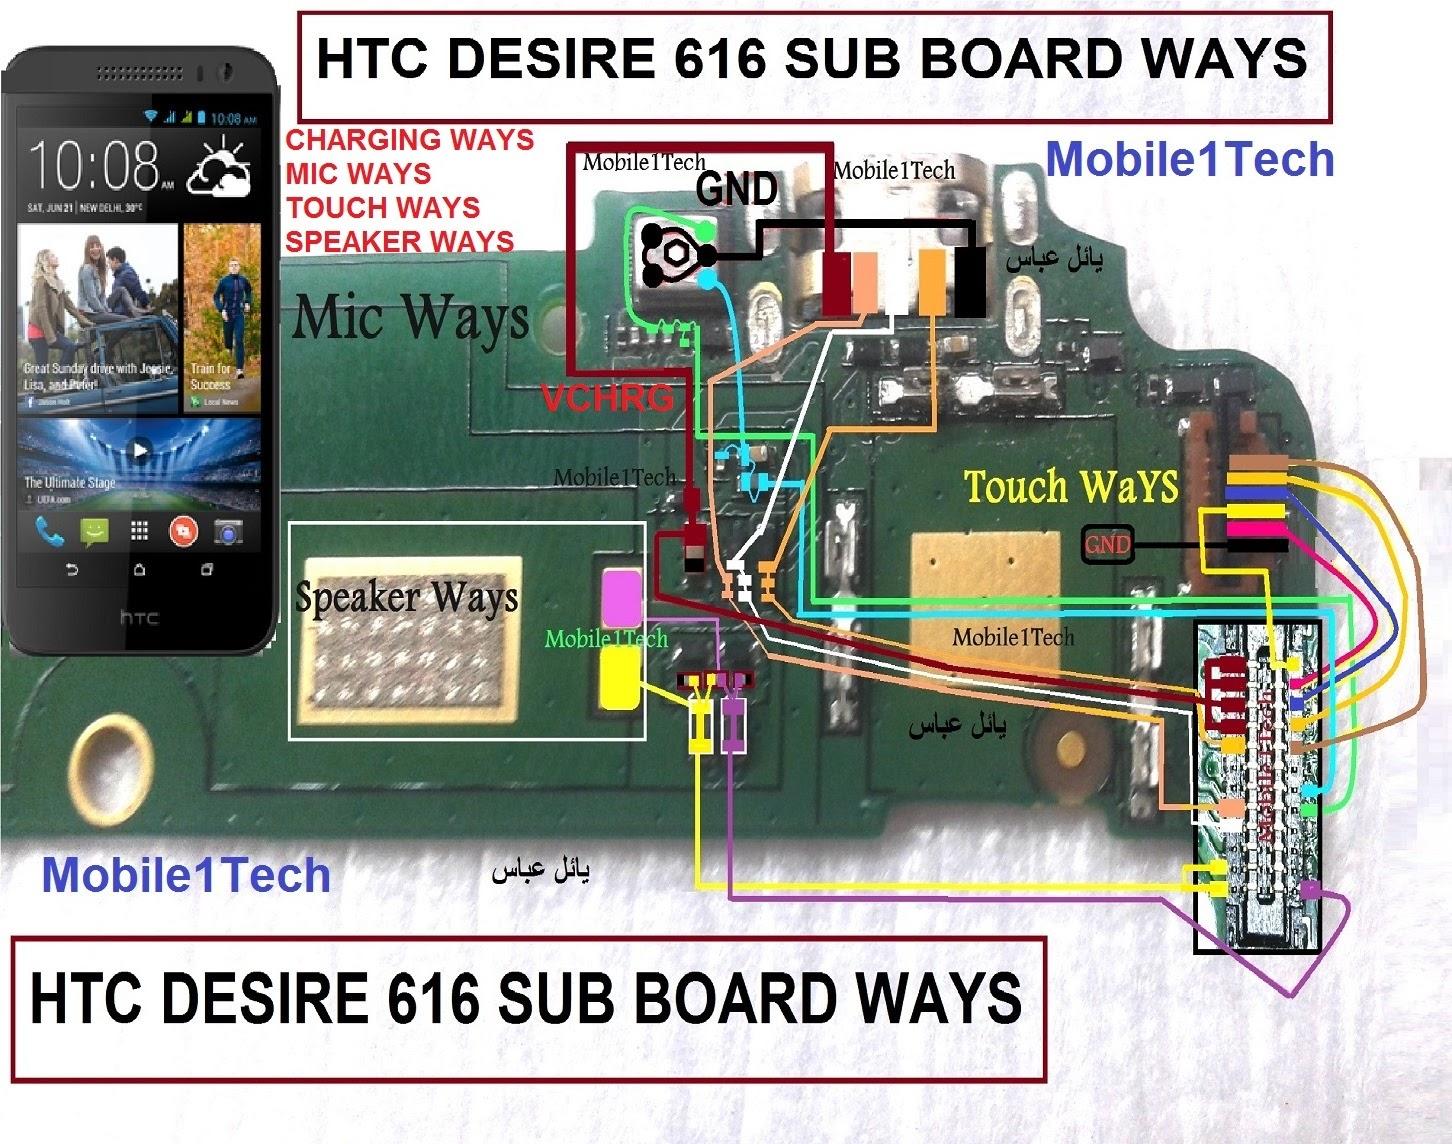 تشريح وحل اعطال الشحن والمايك HTC DESIR 616